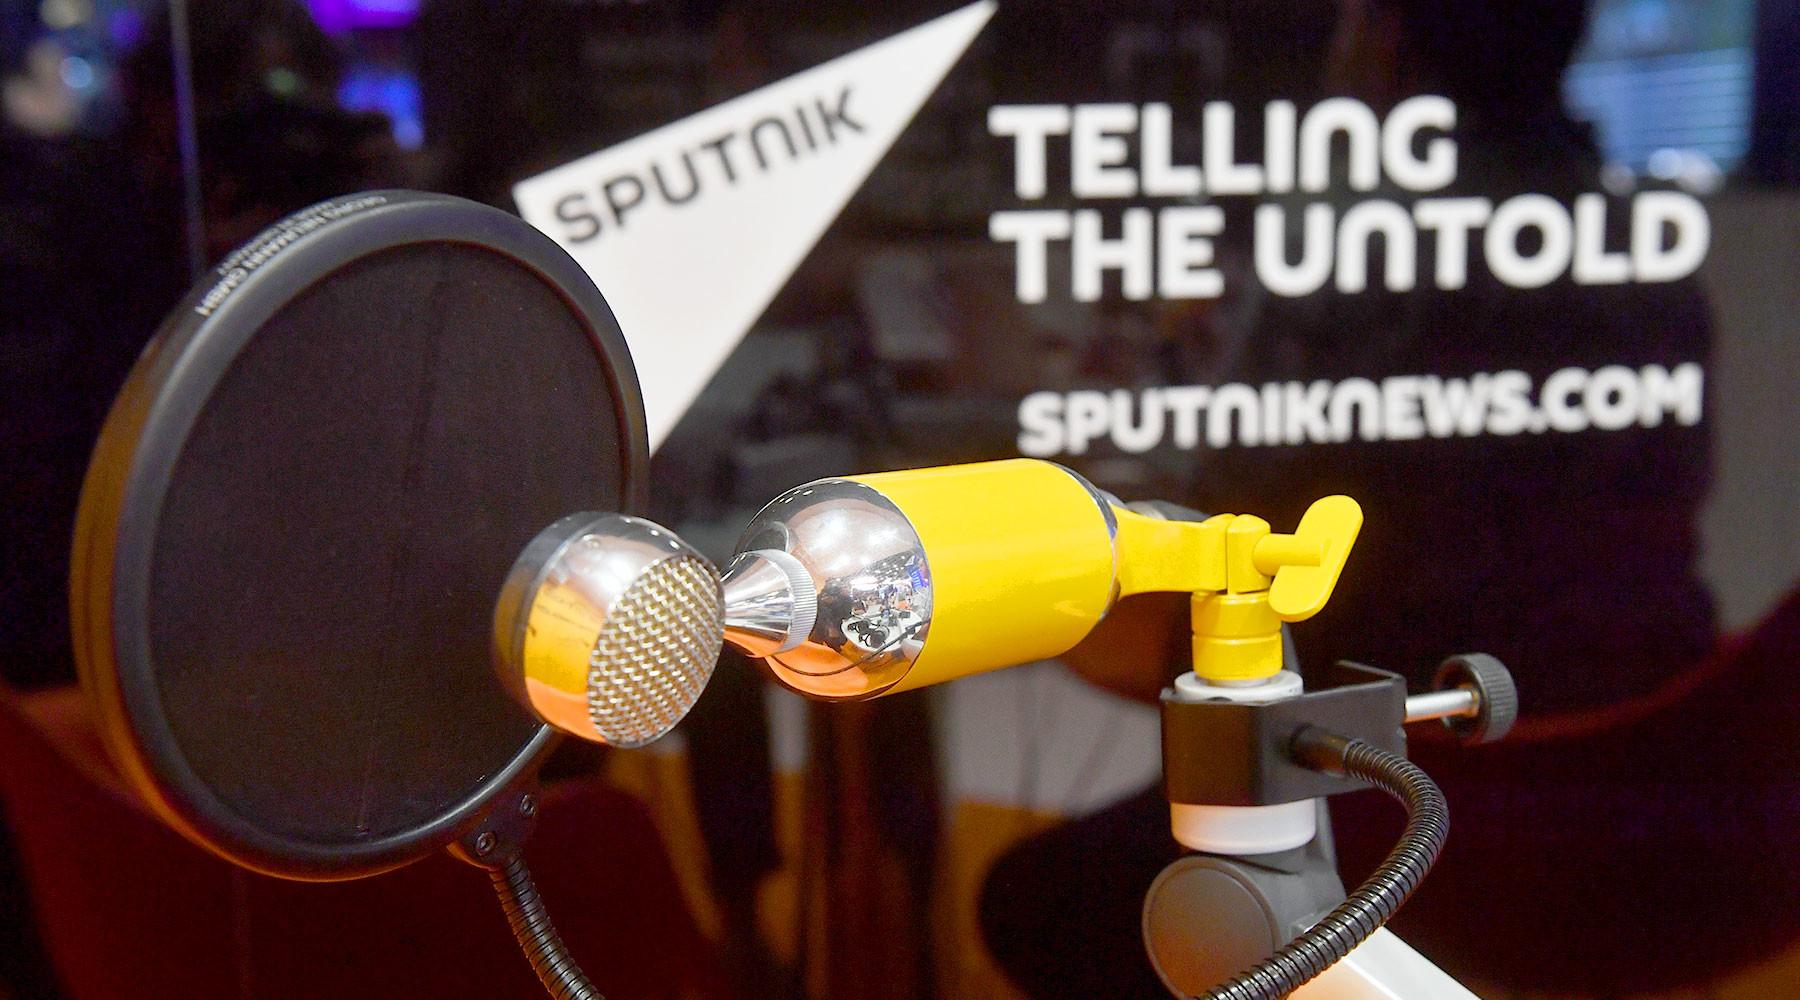 Вторую компанию-вещателя радио Sputnik в США могут признать иноагентом